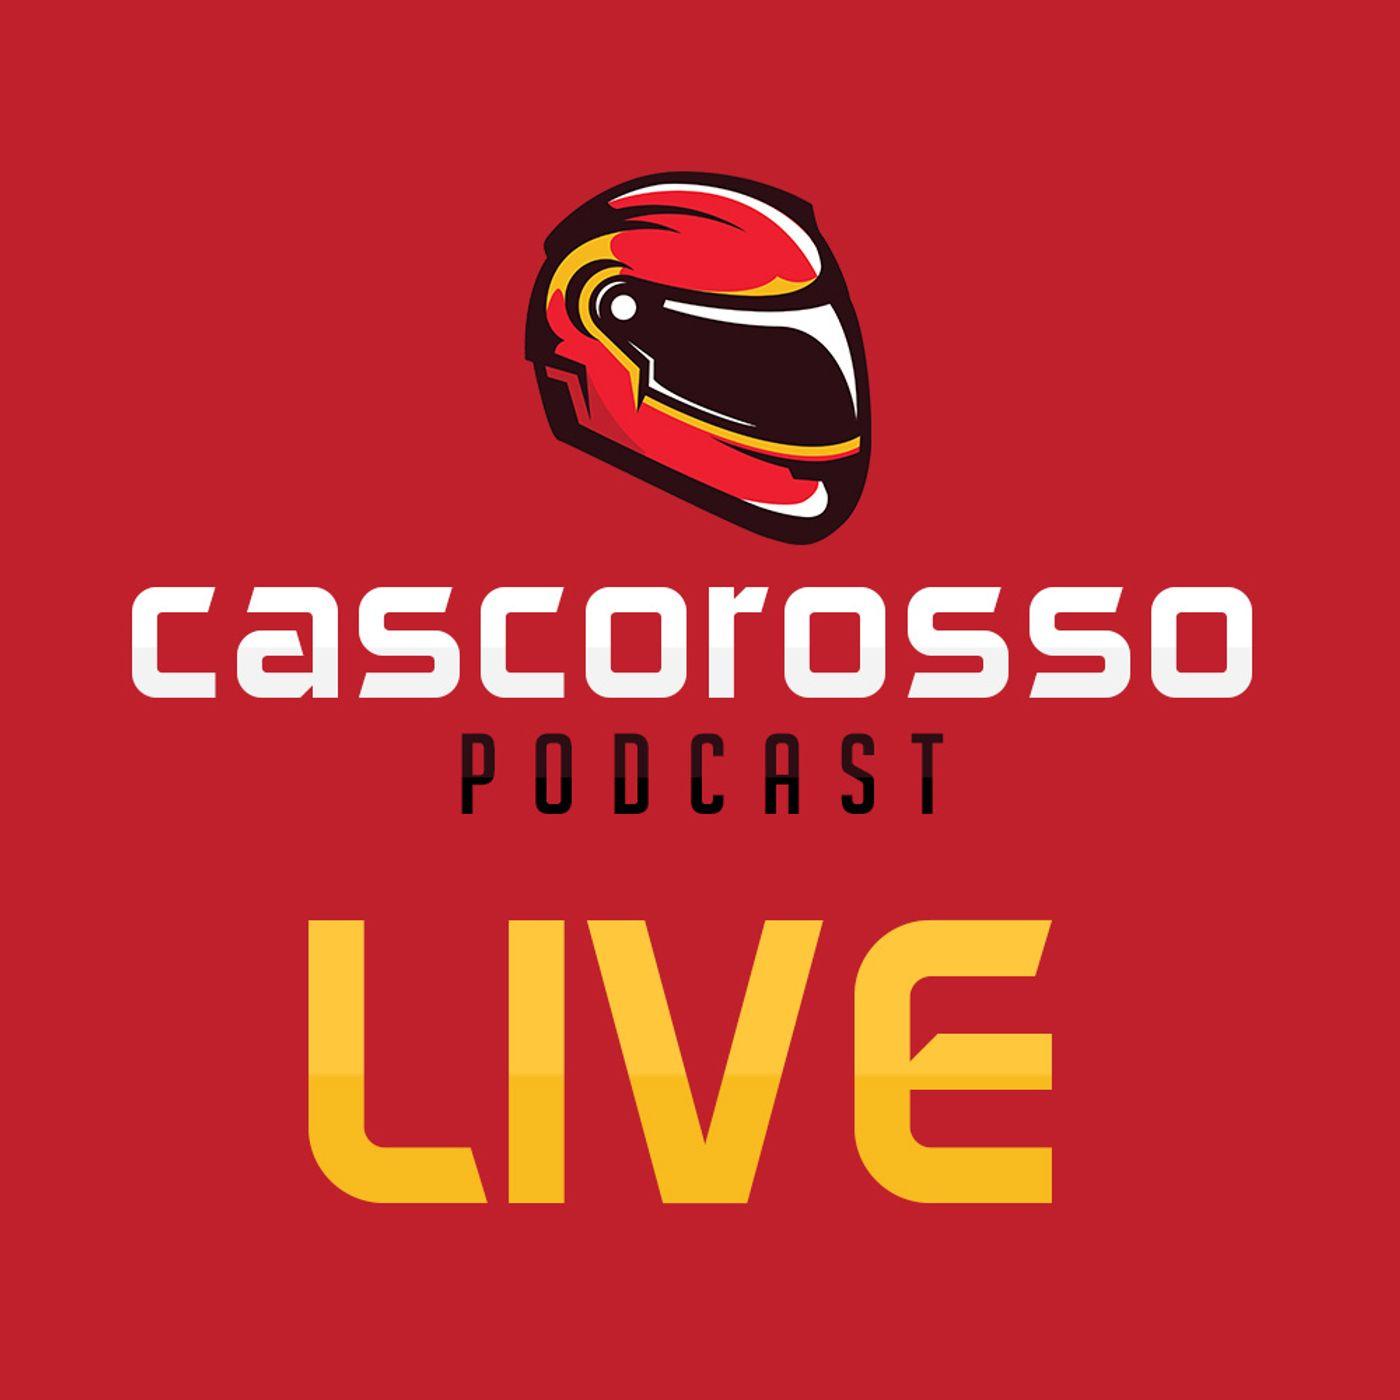 Cascorosso Live 2/8/2021 - Petrucci a piedi, ufficiale il team di Rossi?